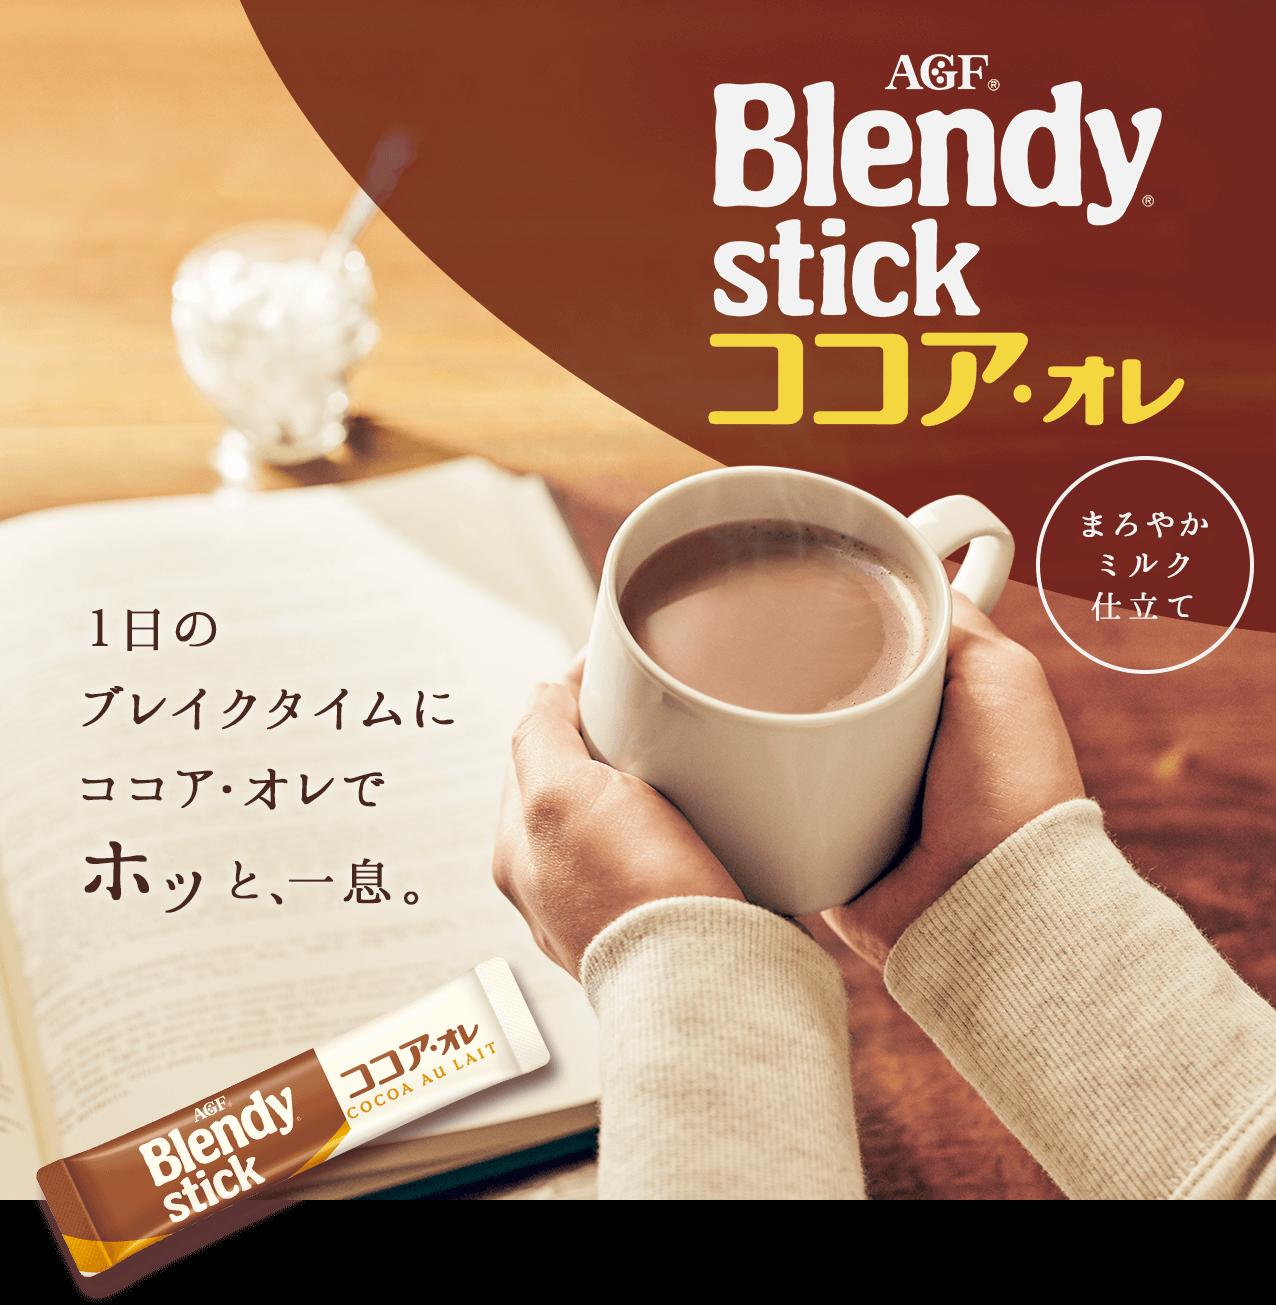 AGF® Blendy stick ココア・オレ まろやかミルク仕立て 1日のブレイクタイムにココア・オレでホッと、一息。